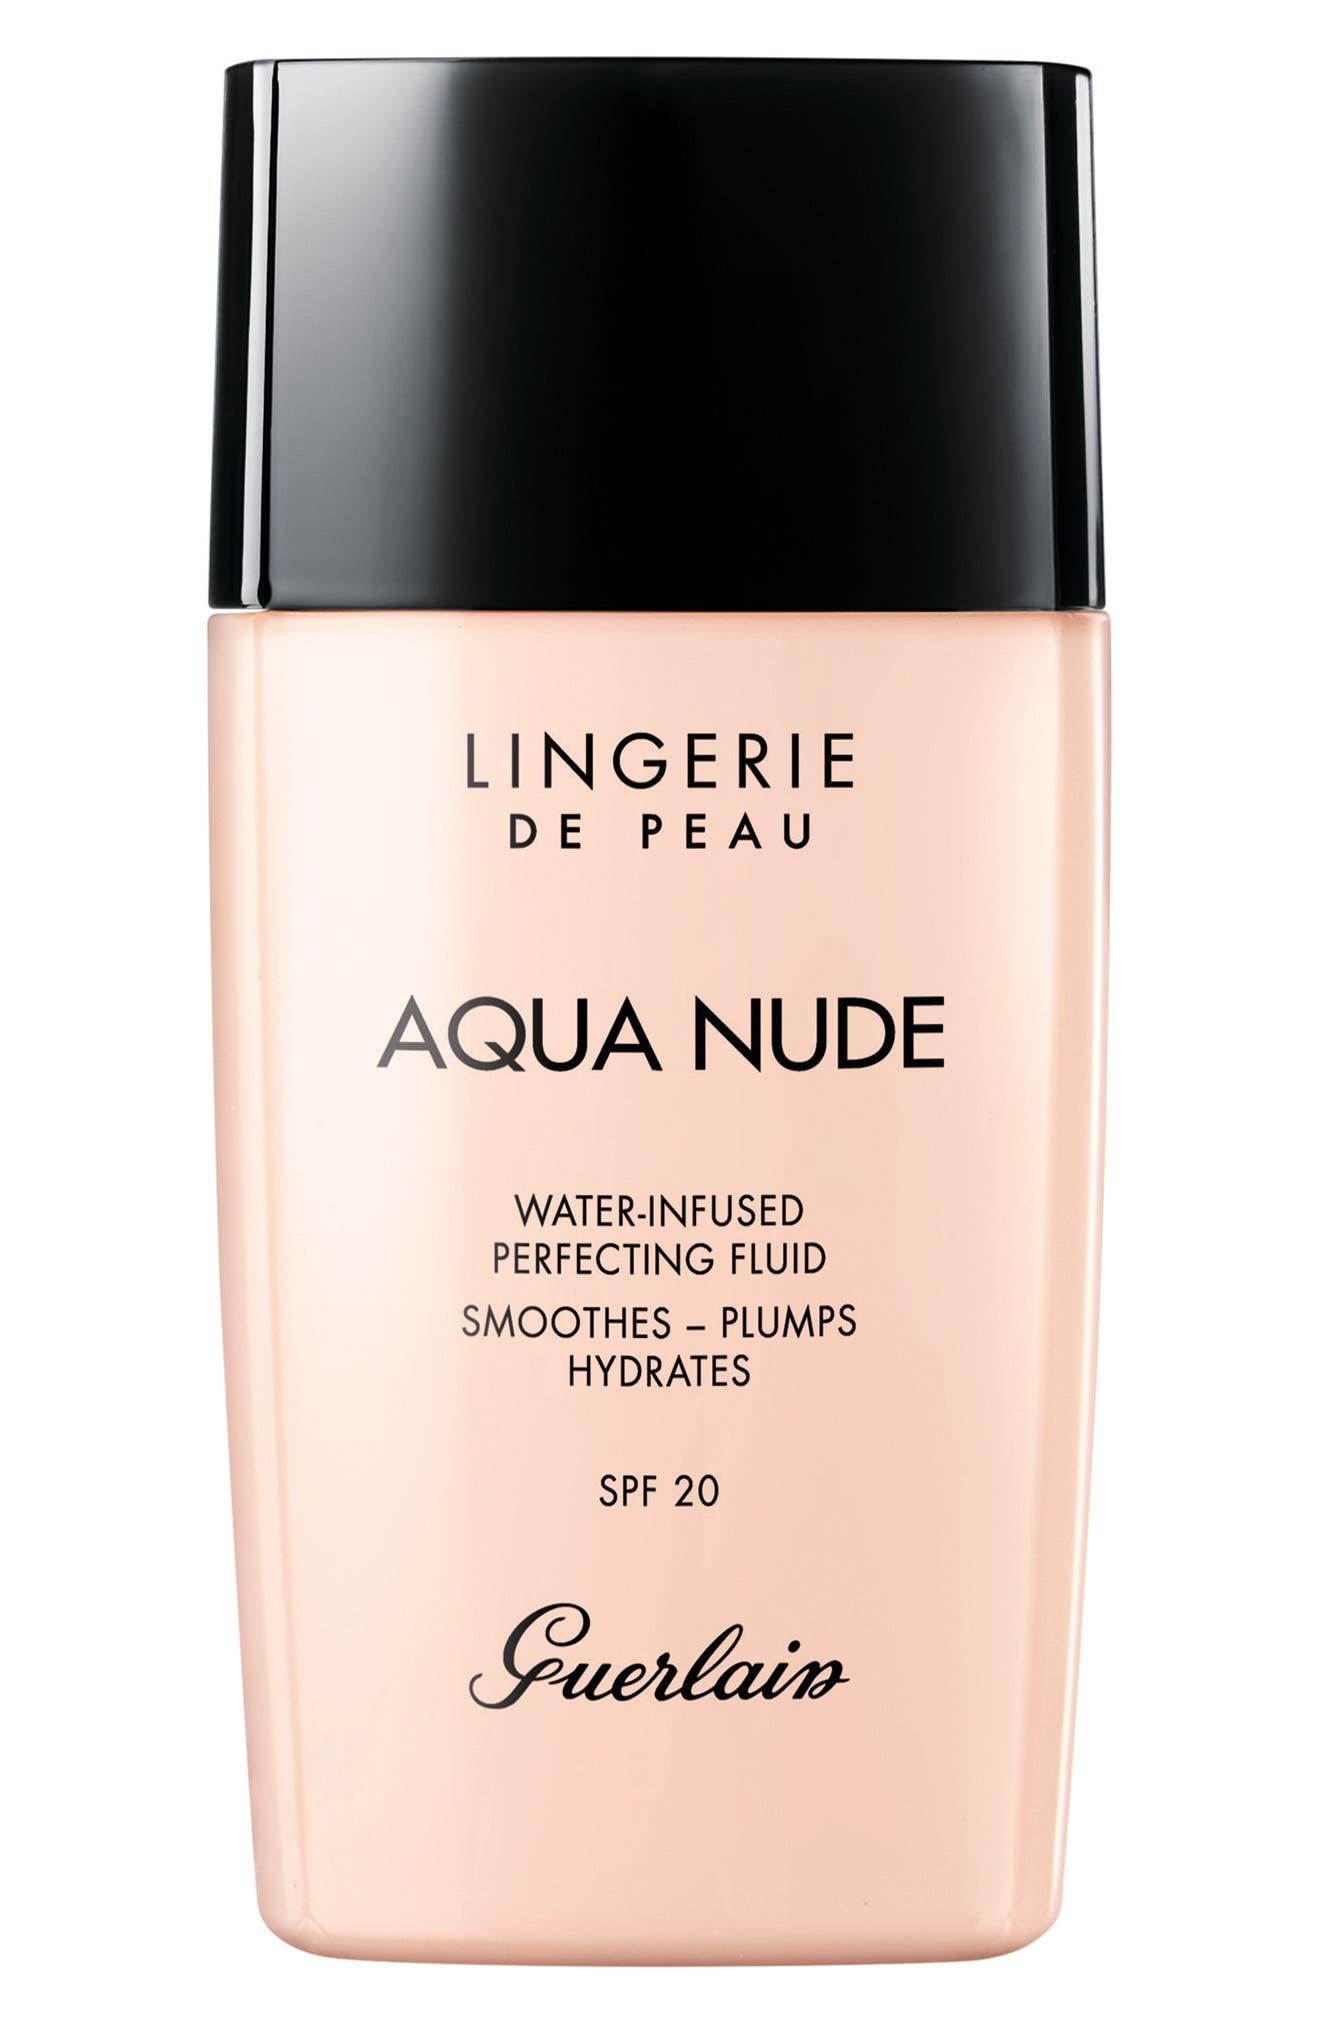 Main Image - Guerlain Lingerie de Peau Aqua Nude Foundation